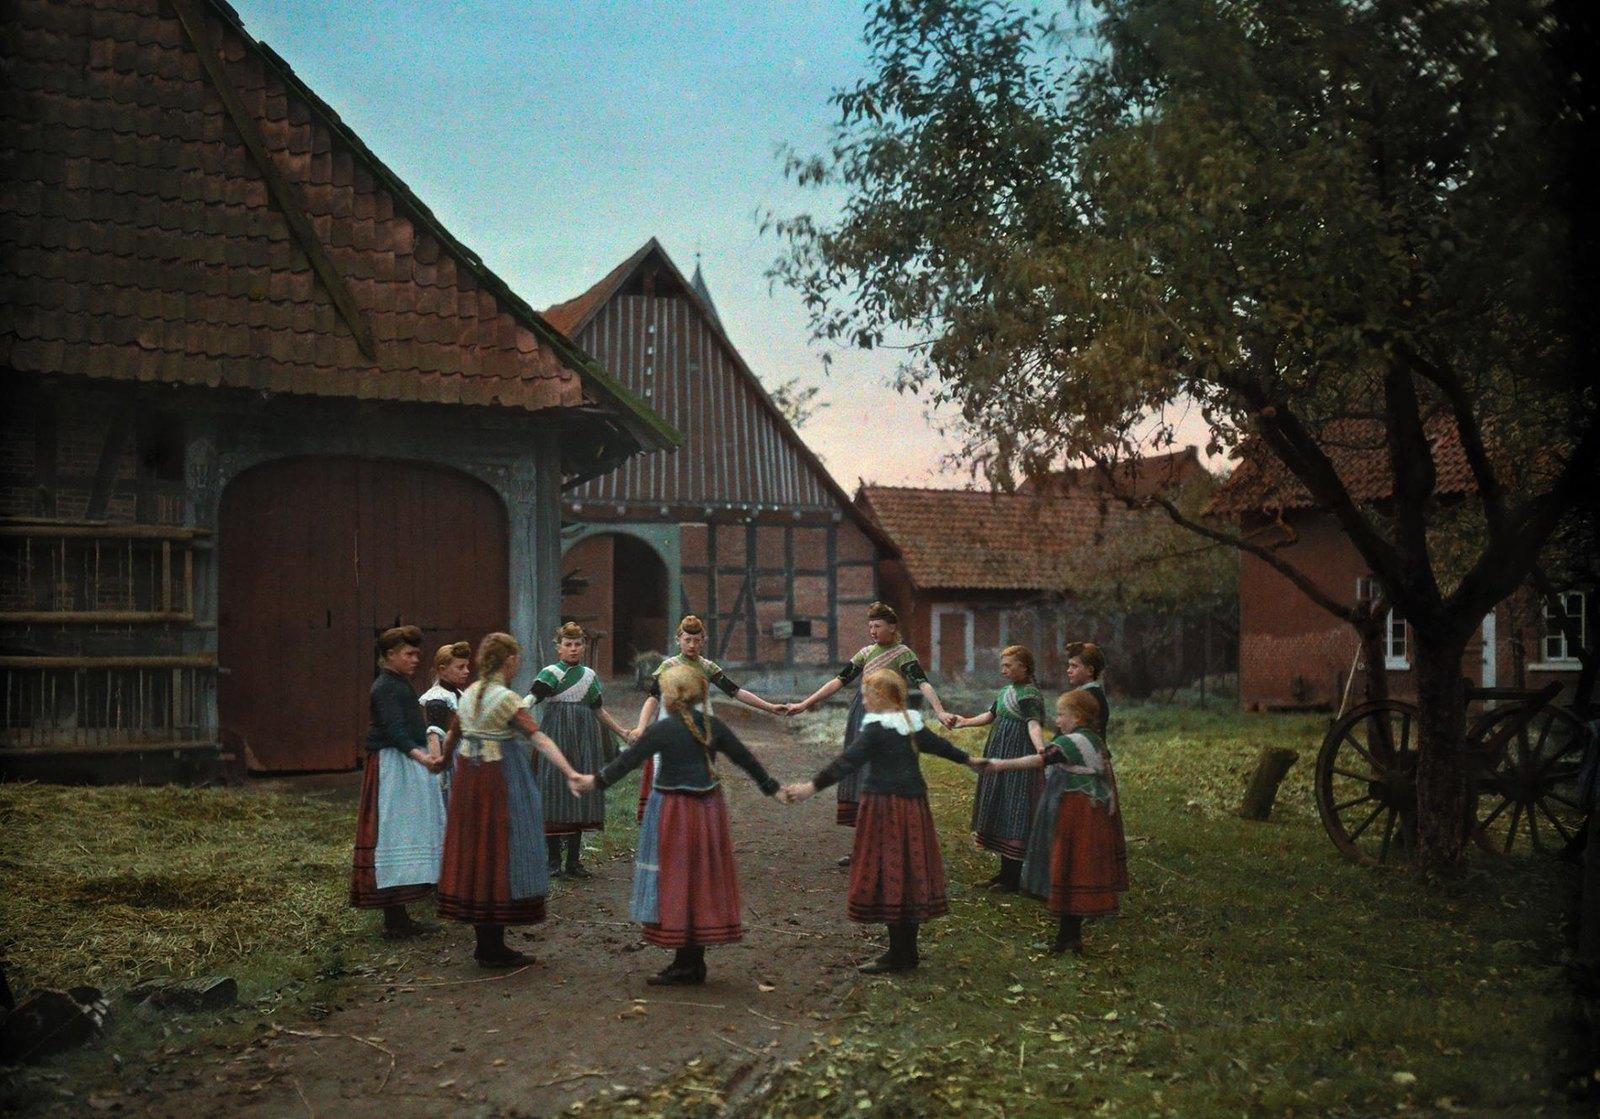 Группа молодых женщин, собравшихся для традиционного танца в Лауэнбурге, Германия